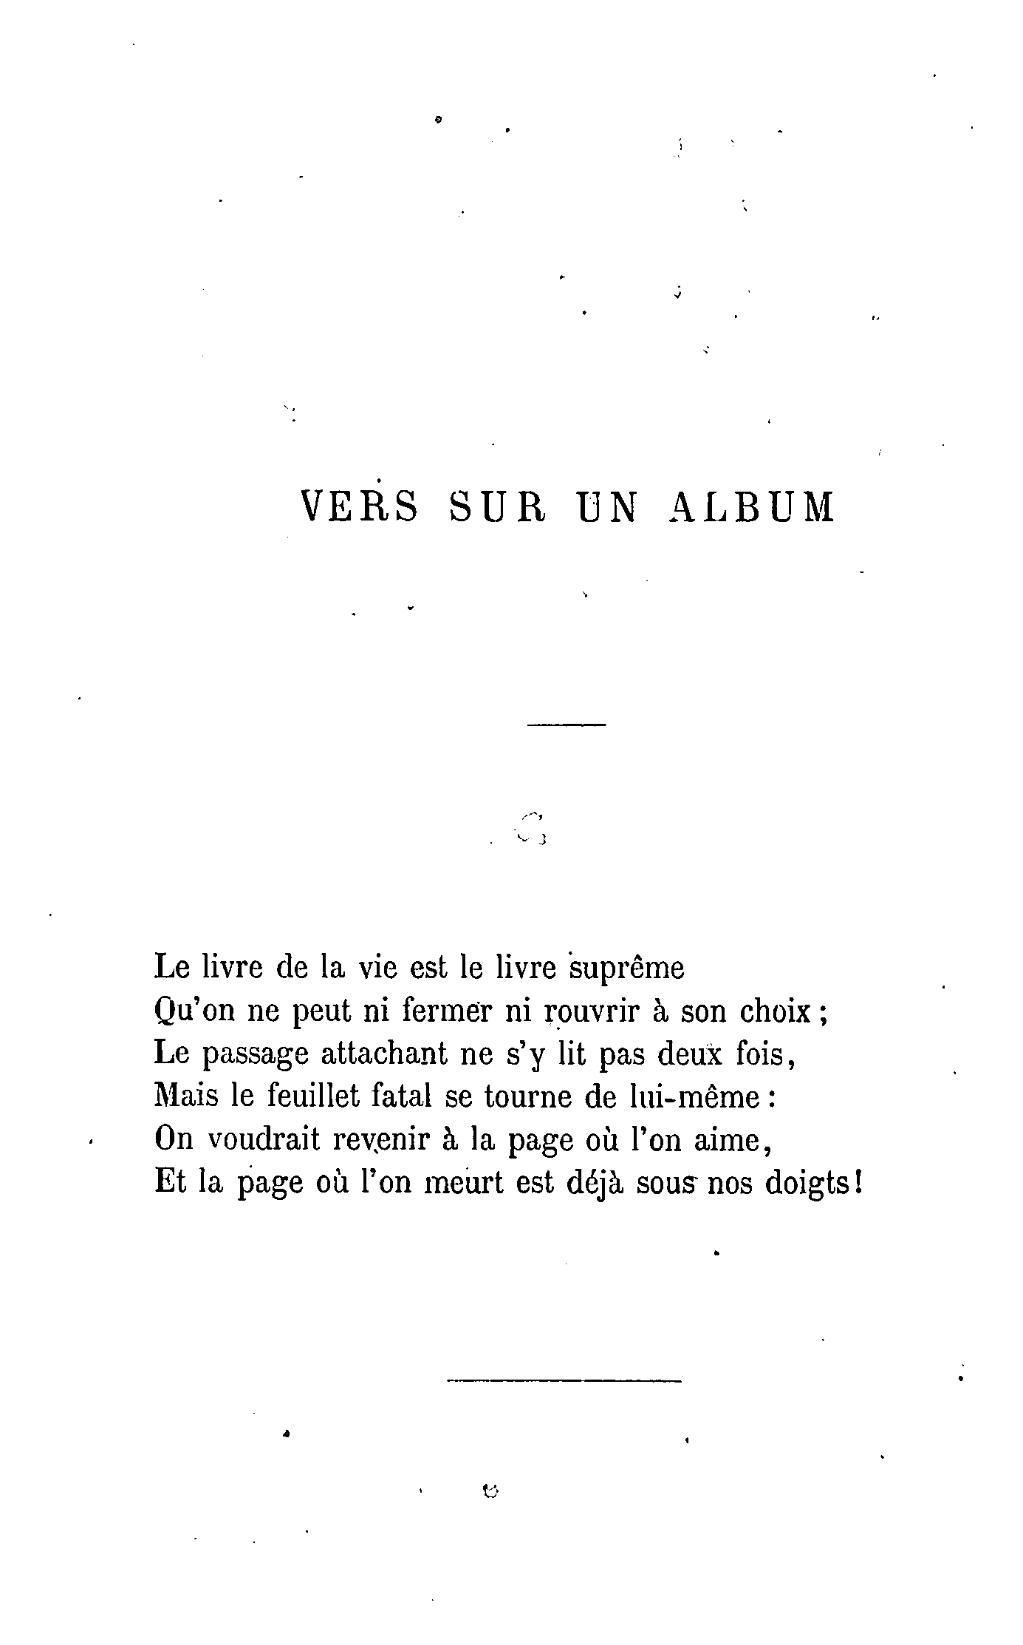 Le Livre De La Vie Lamartine : livre, lamartine, Page:Lamartine, Œuvres, Complètes, Lamartine,, 5.djvu/214, Wikisource